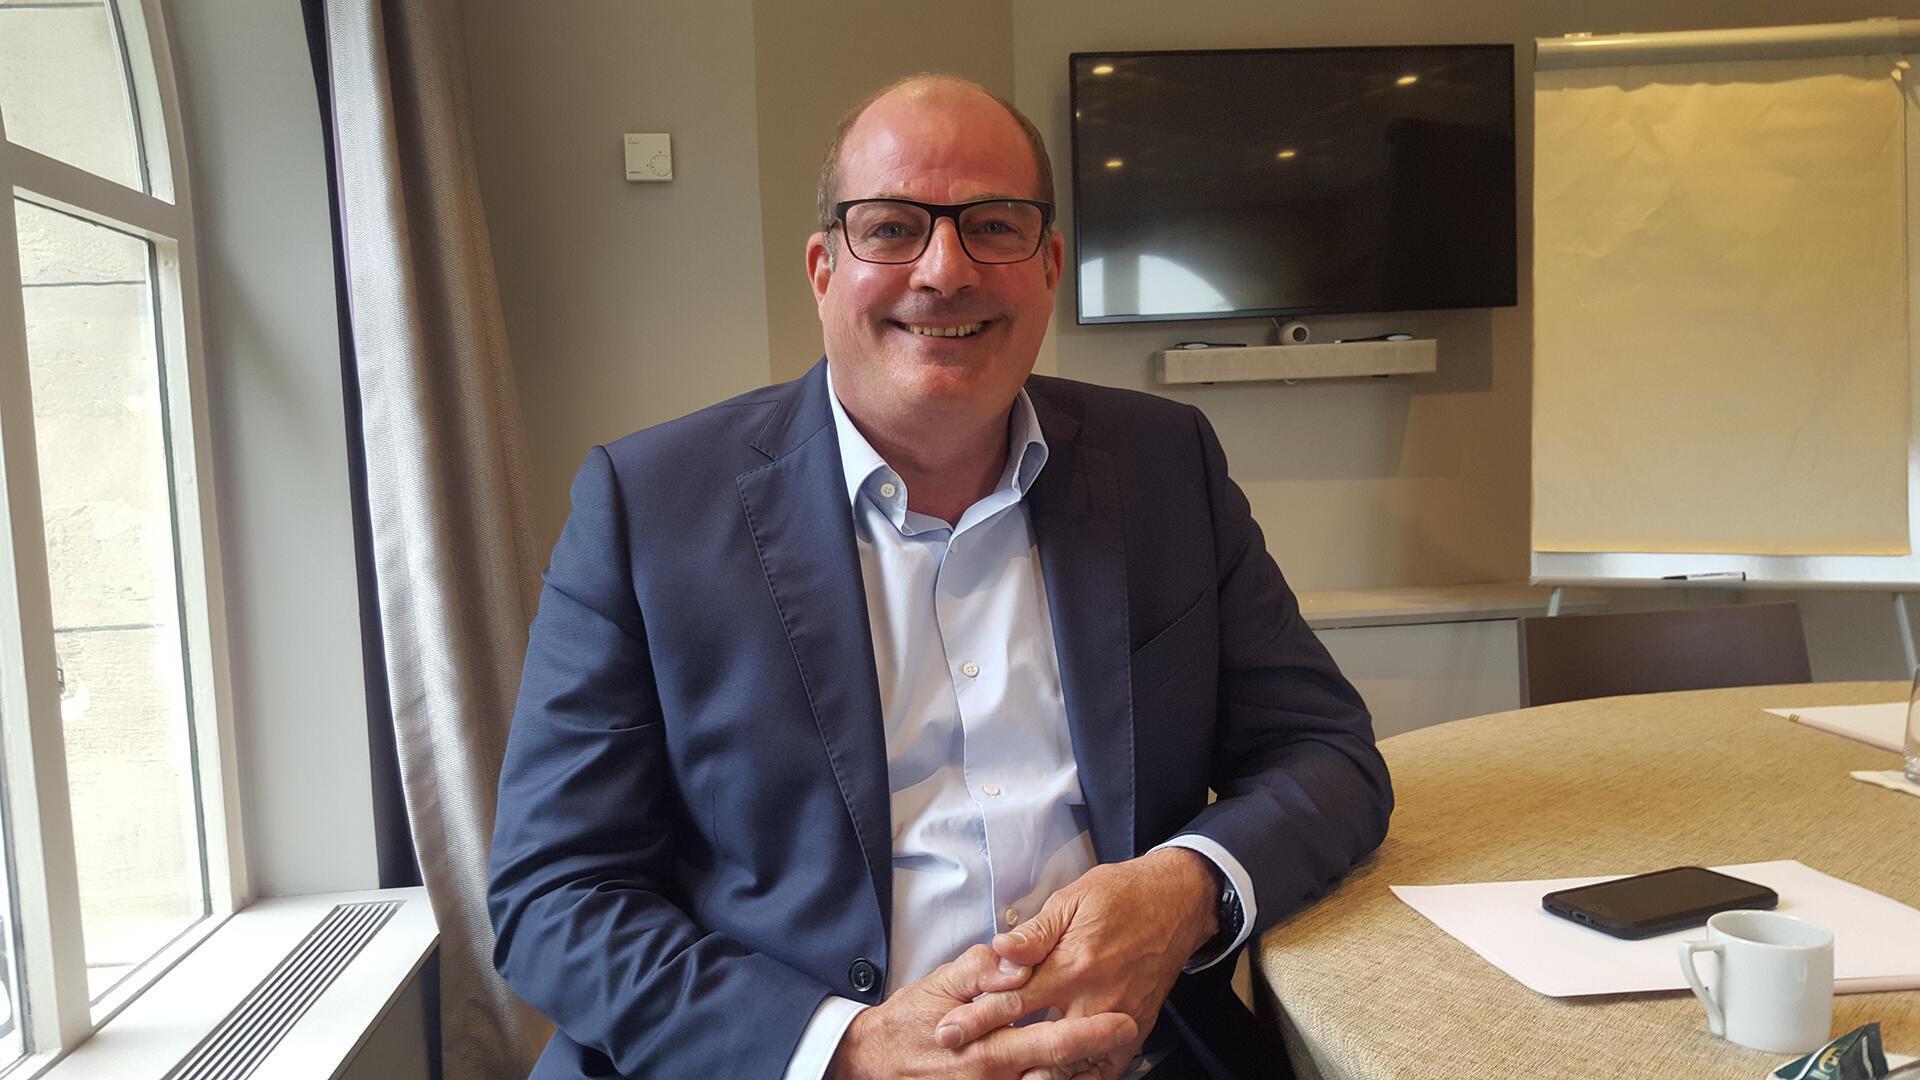 Jérôme Foucault, président du Conseil d'Administration - ADEPALE -  Le coq chante 19 septembre 2021